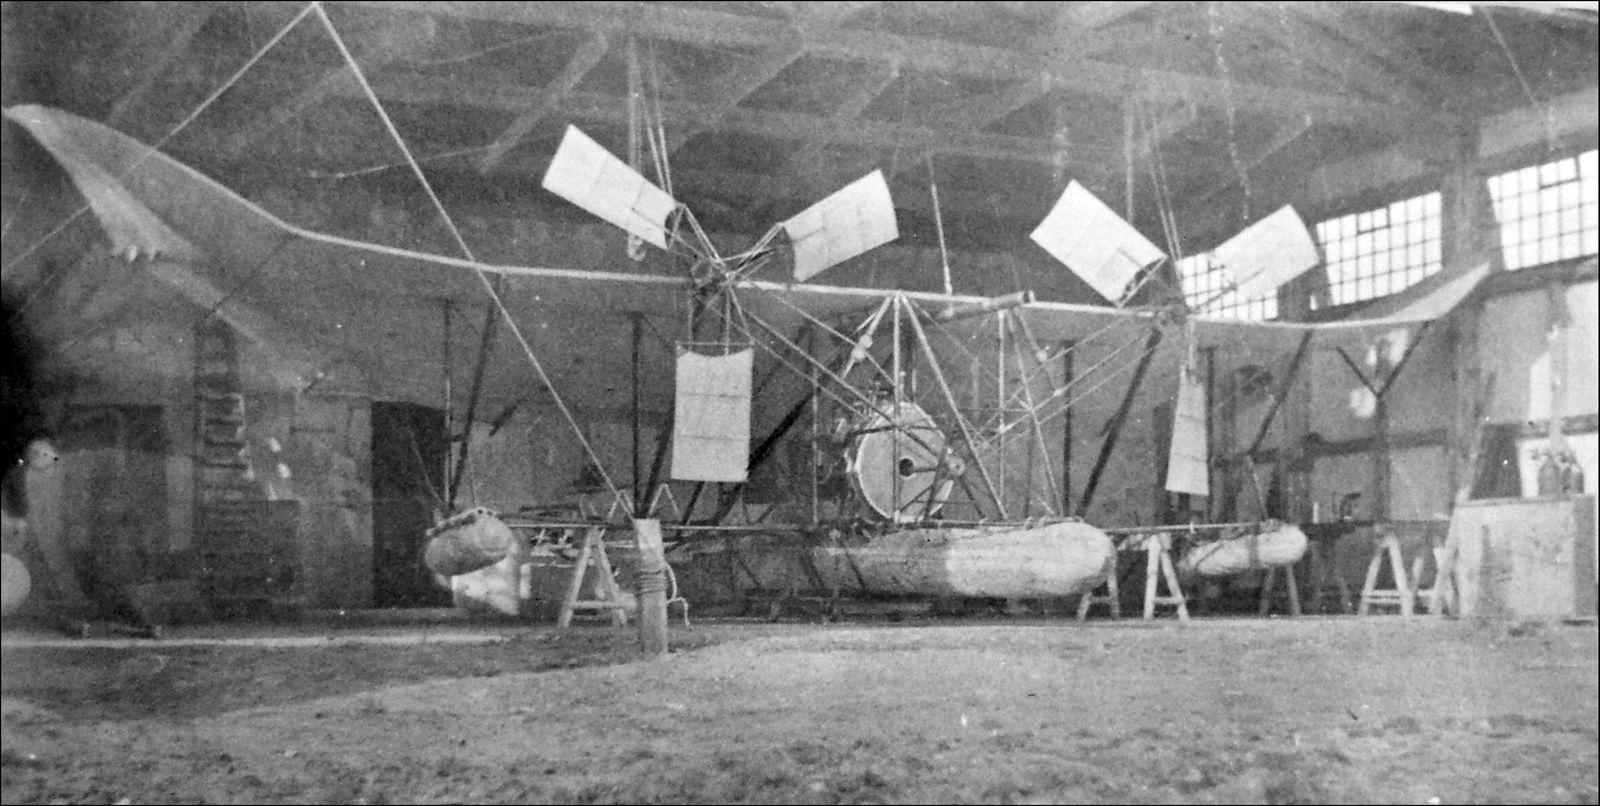 Plau_am_See_Parseval_Aeroplan_1910